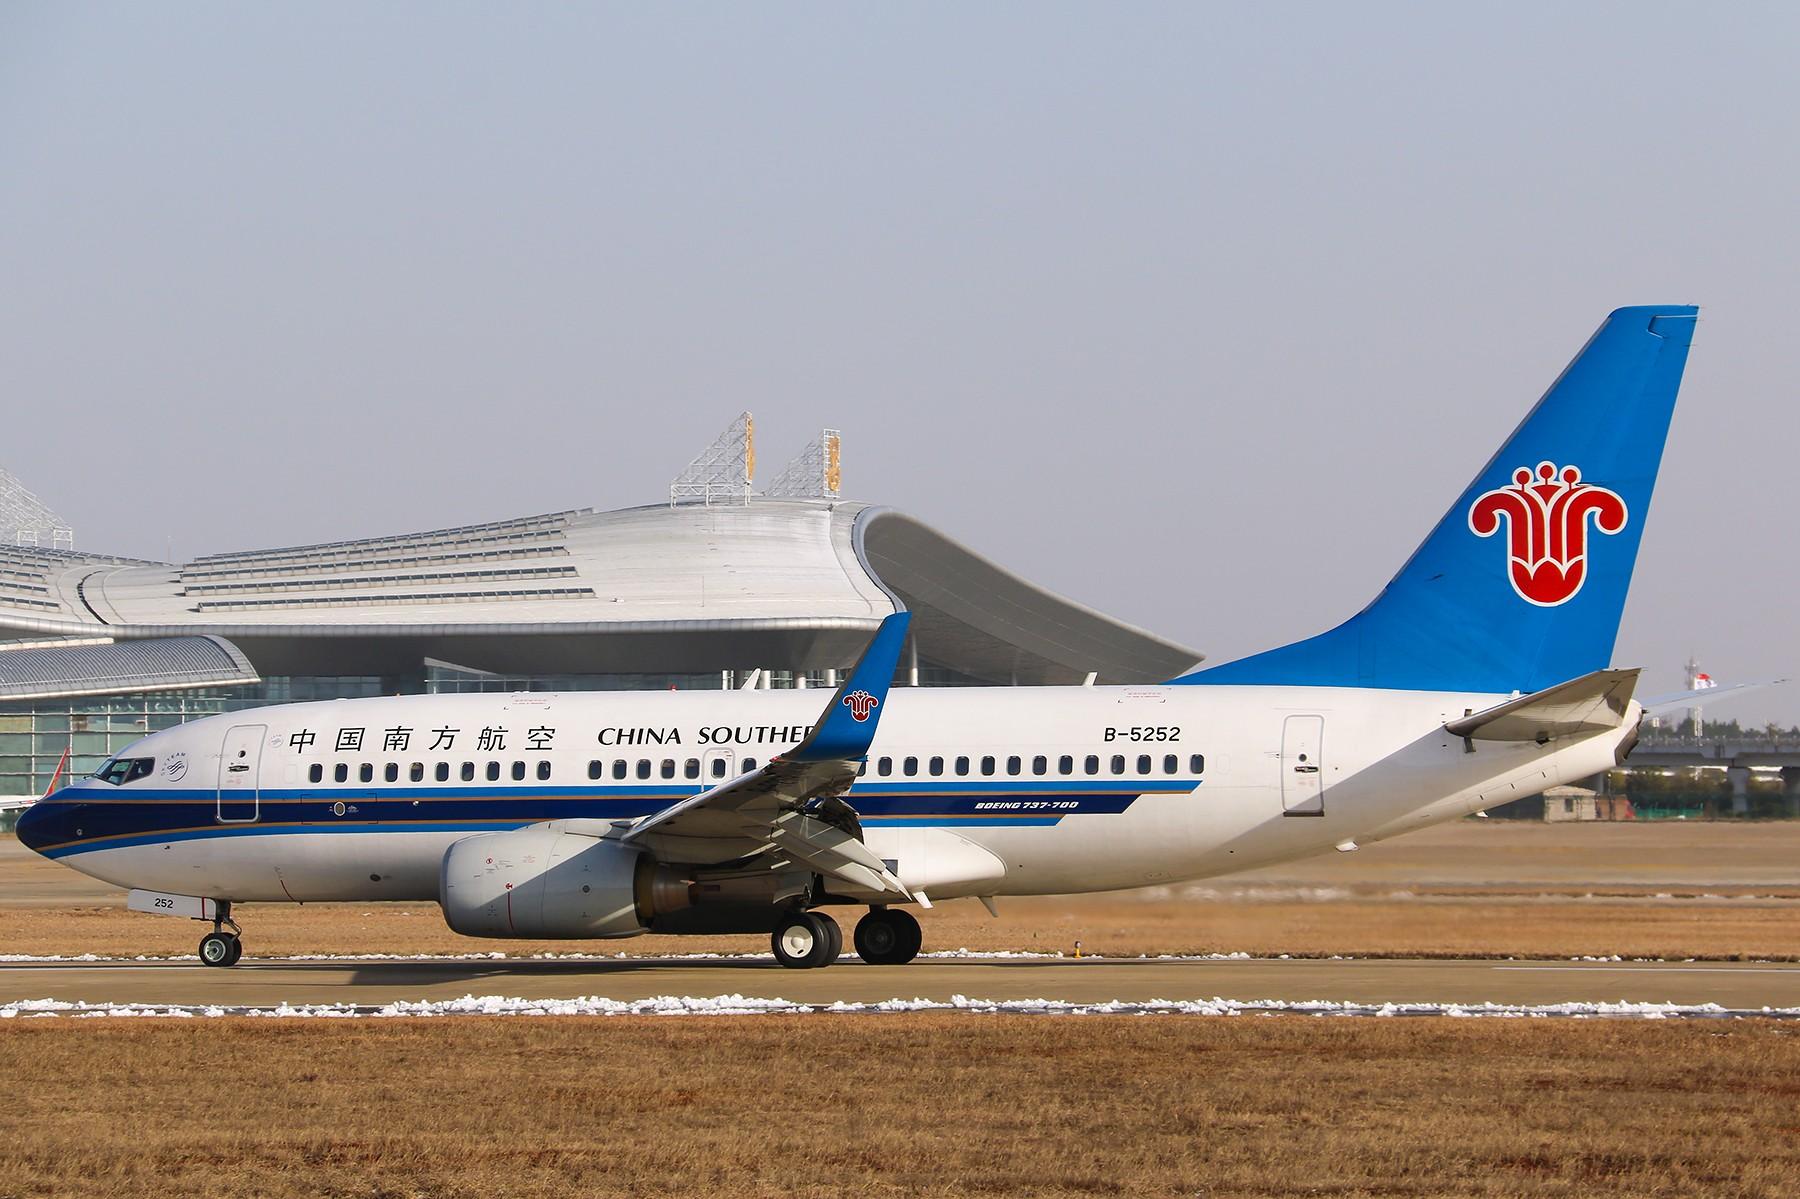 Re:[原创]*****【南昌飞友会】紧凑才好看:南航737-700降落一组【1800*1200高清大图】***** BOEING 737-700 B-5252 中国南昌昌北国际机场